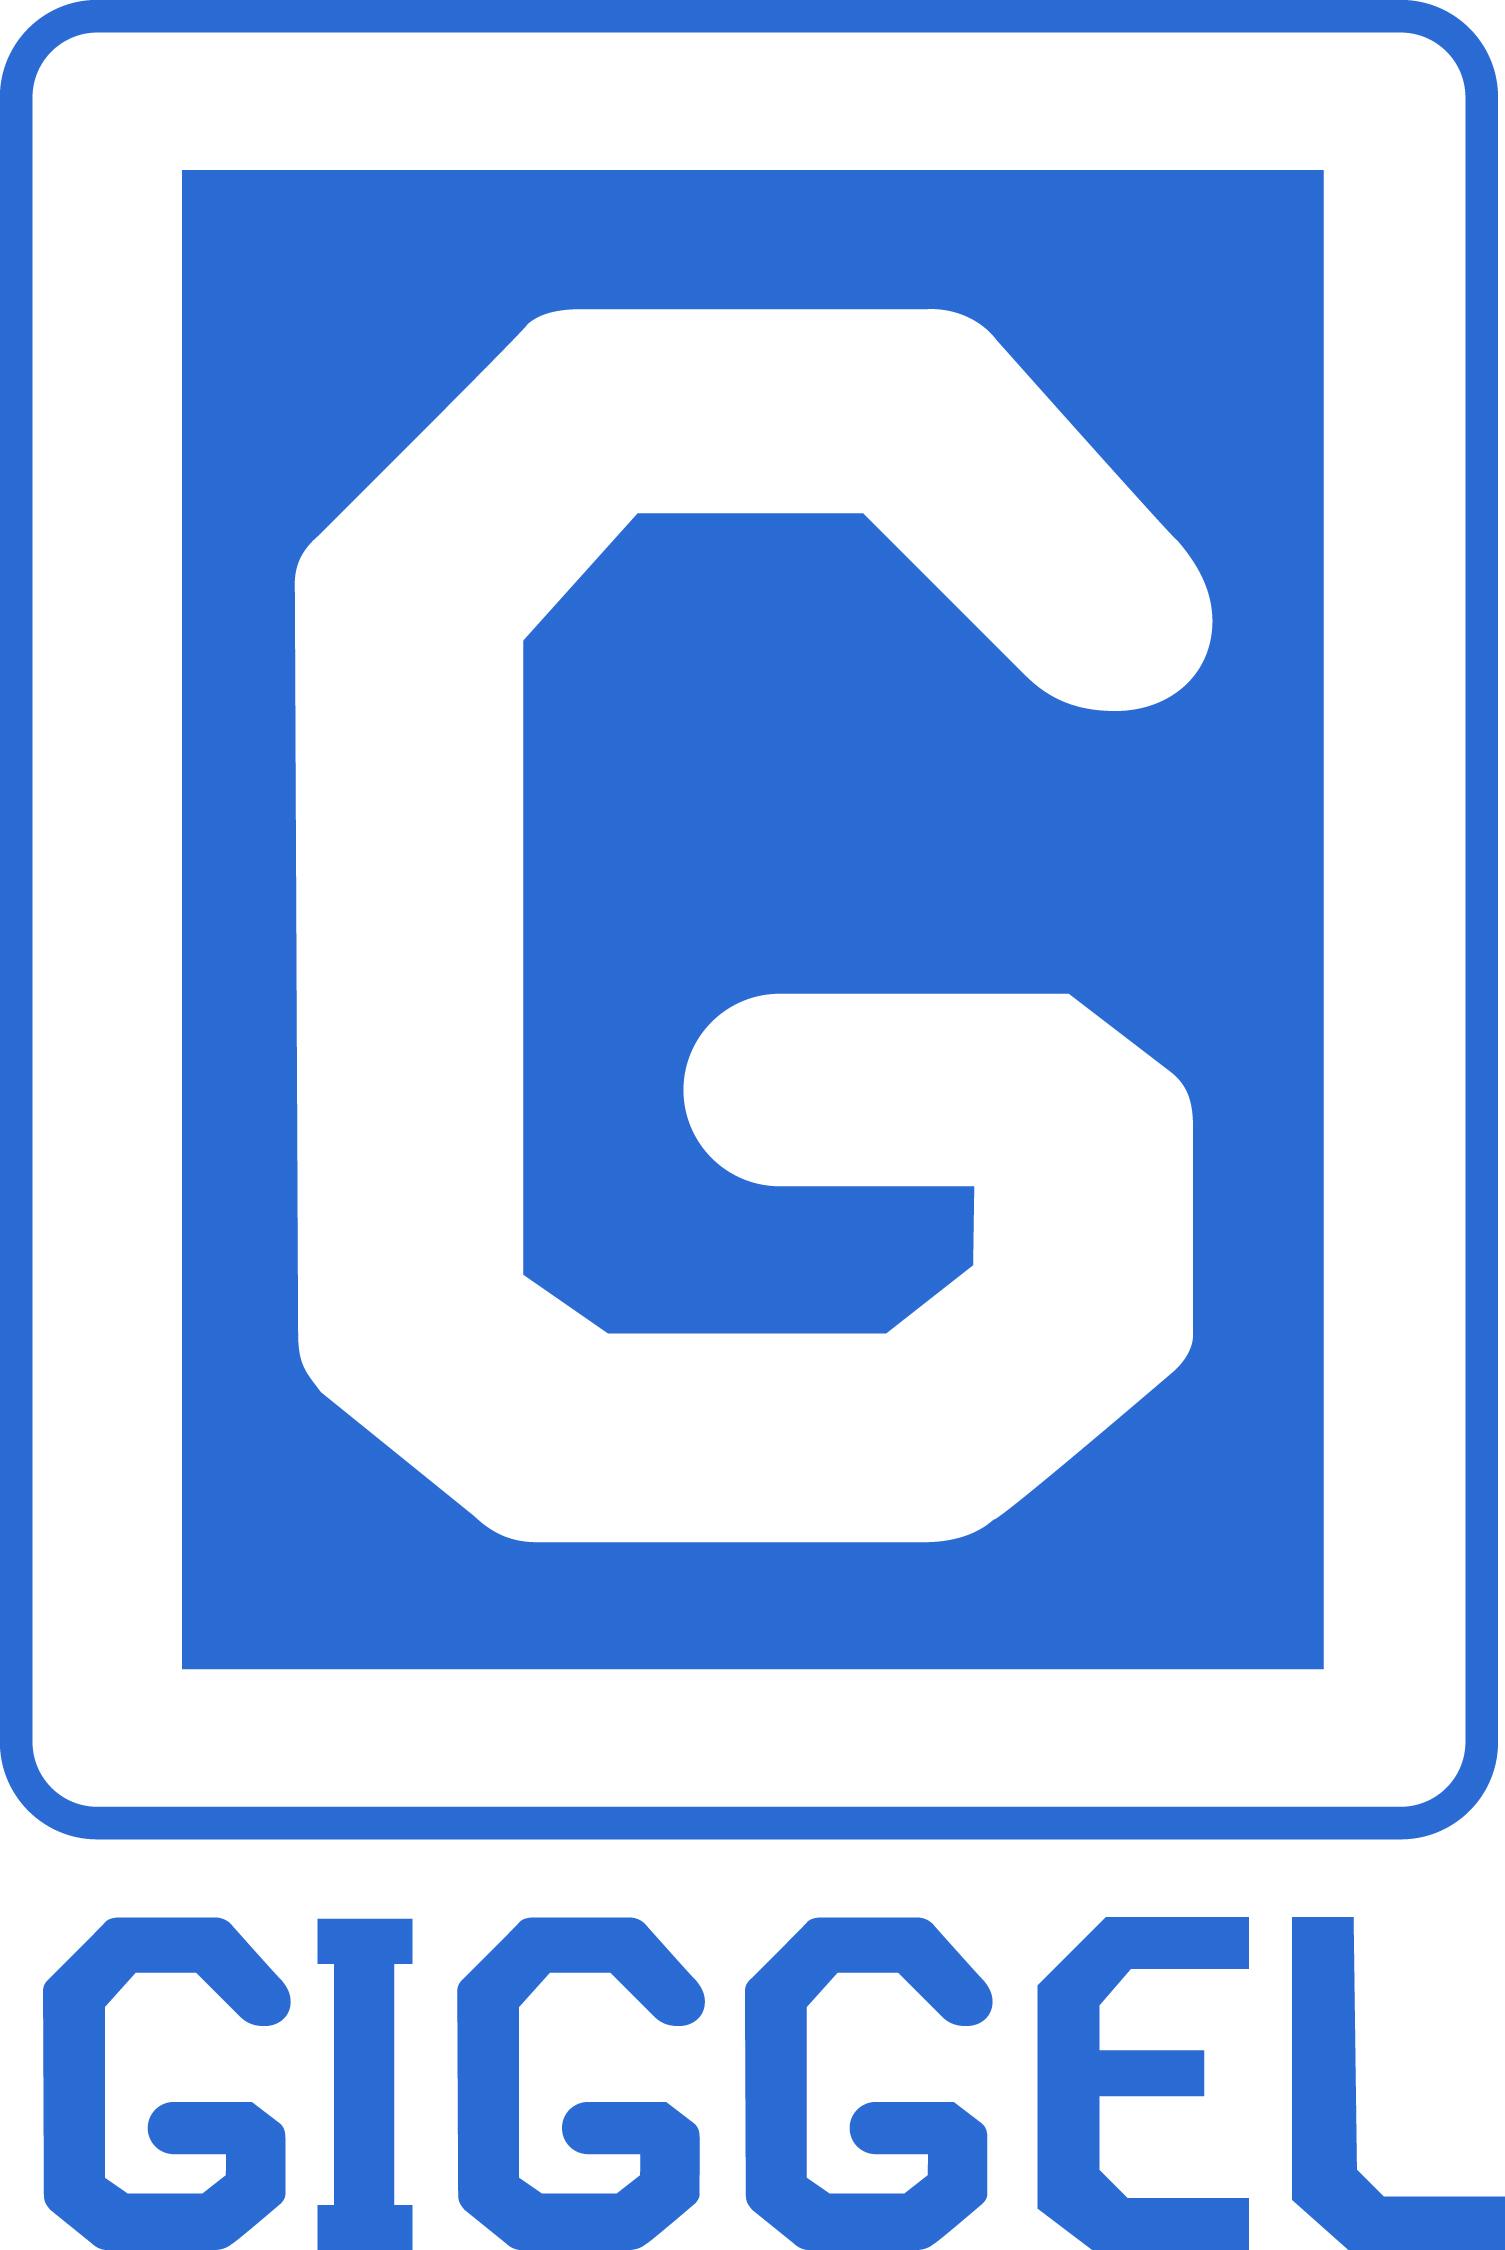 Giggel